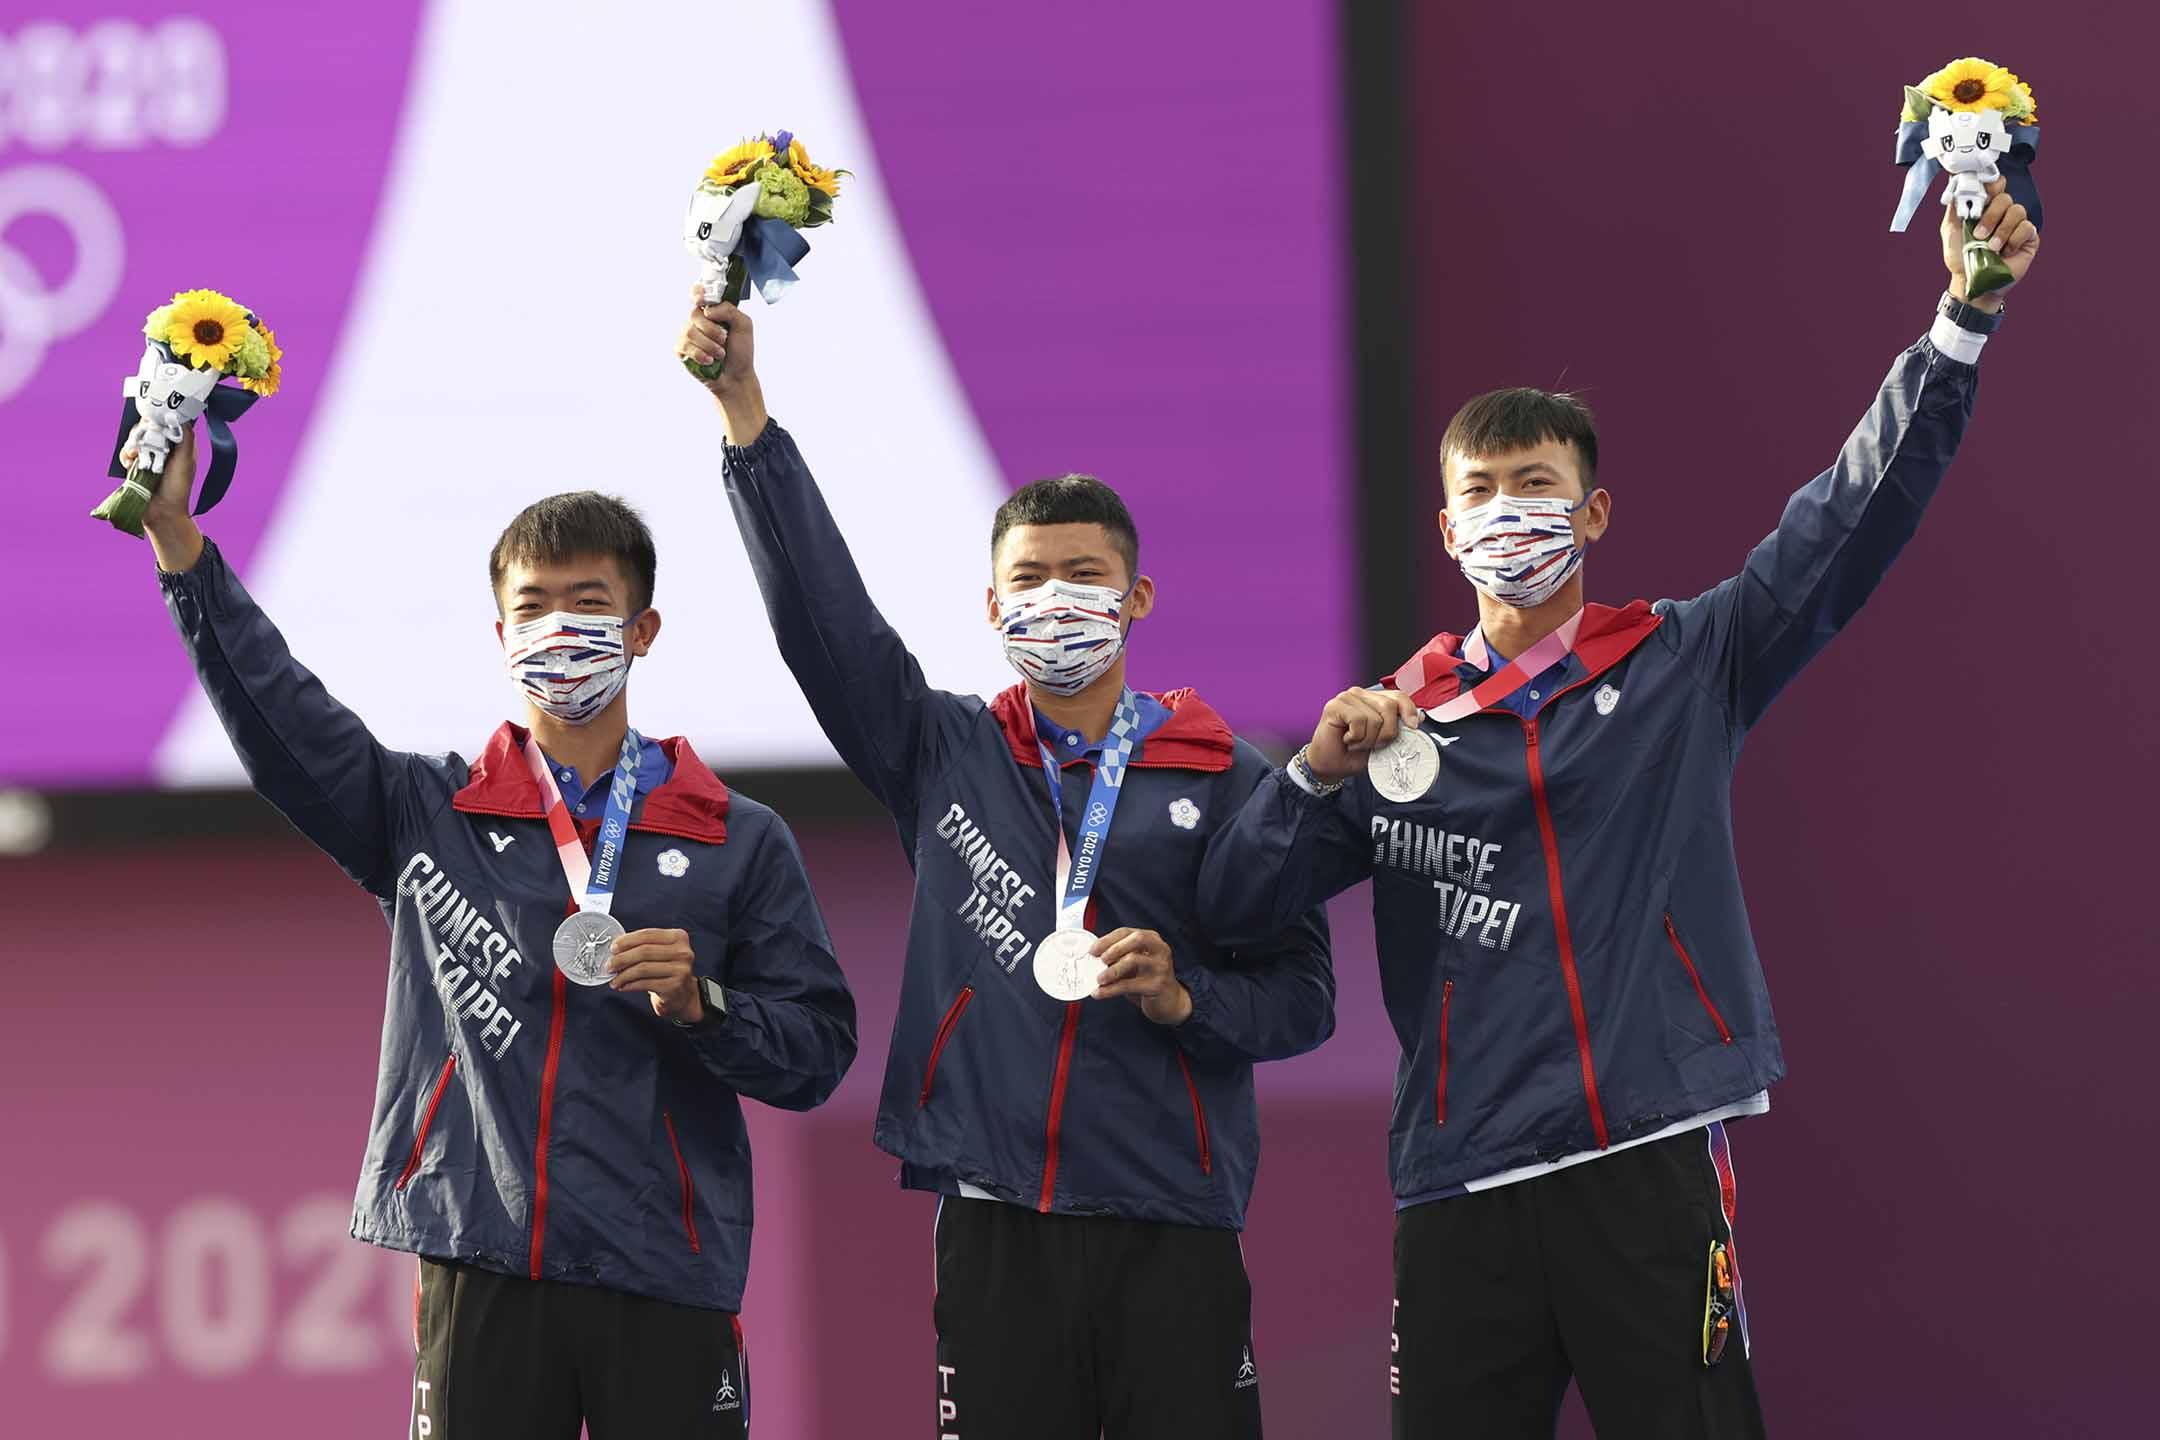 2021年7月26日日本東京,台灣隊的魏均珩、鄧宇成、湯智鈞在男子團體比賽中獲得銀牌。